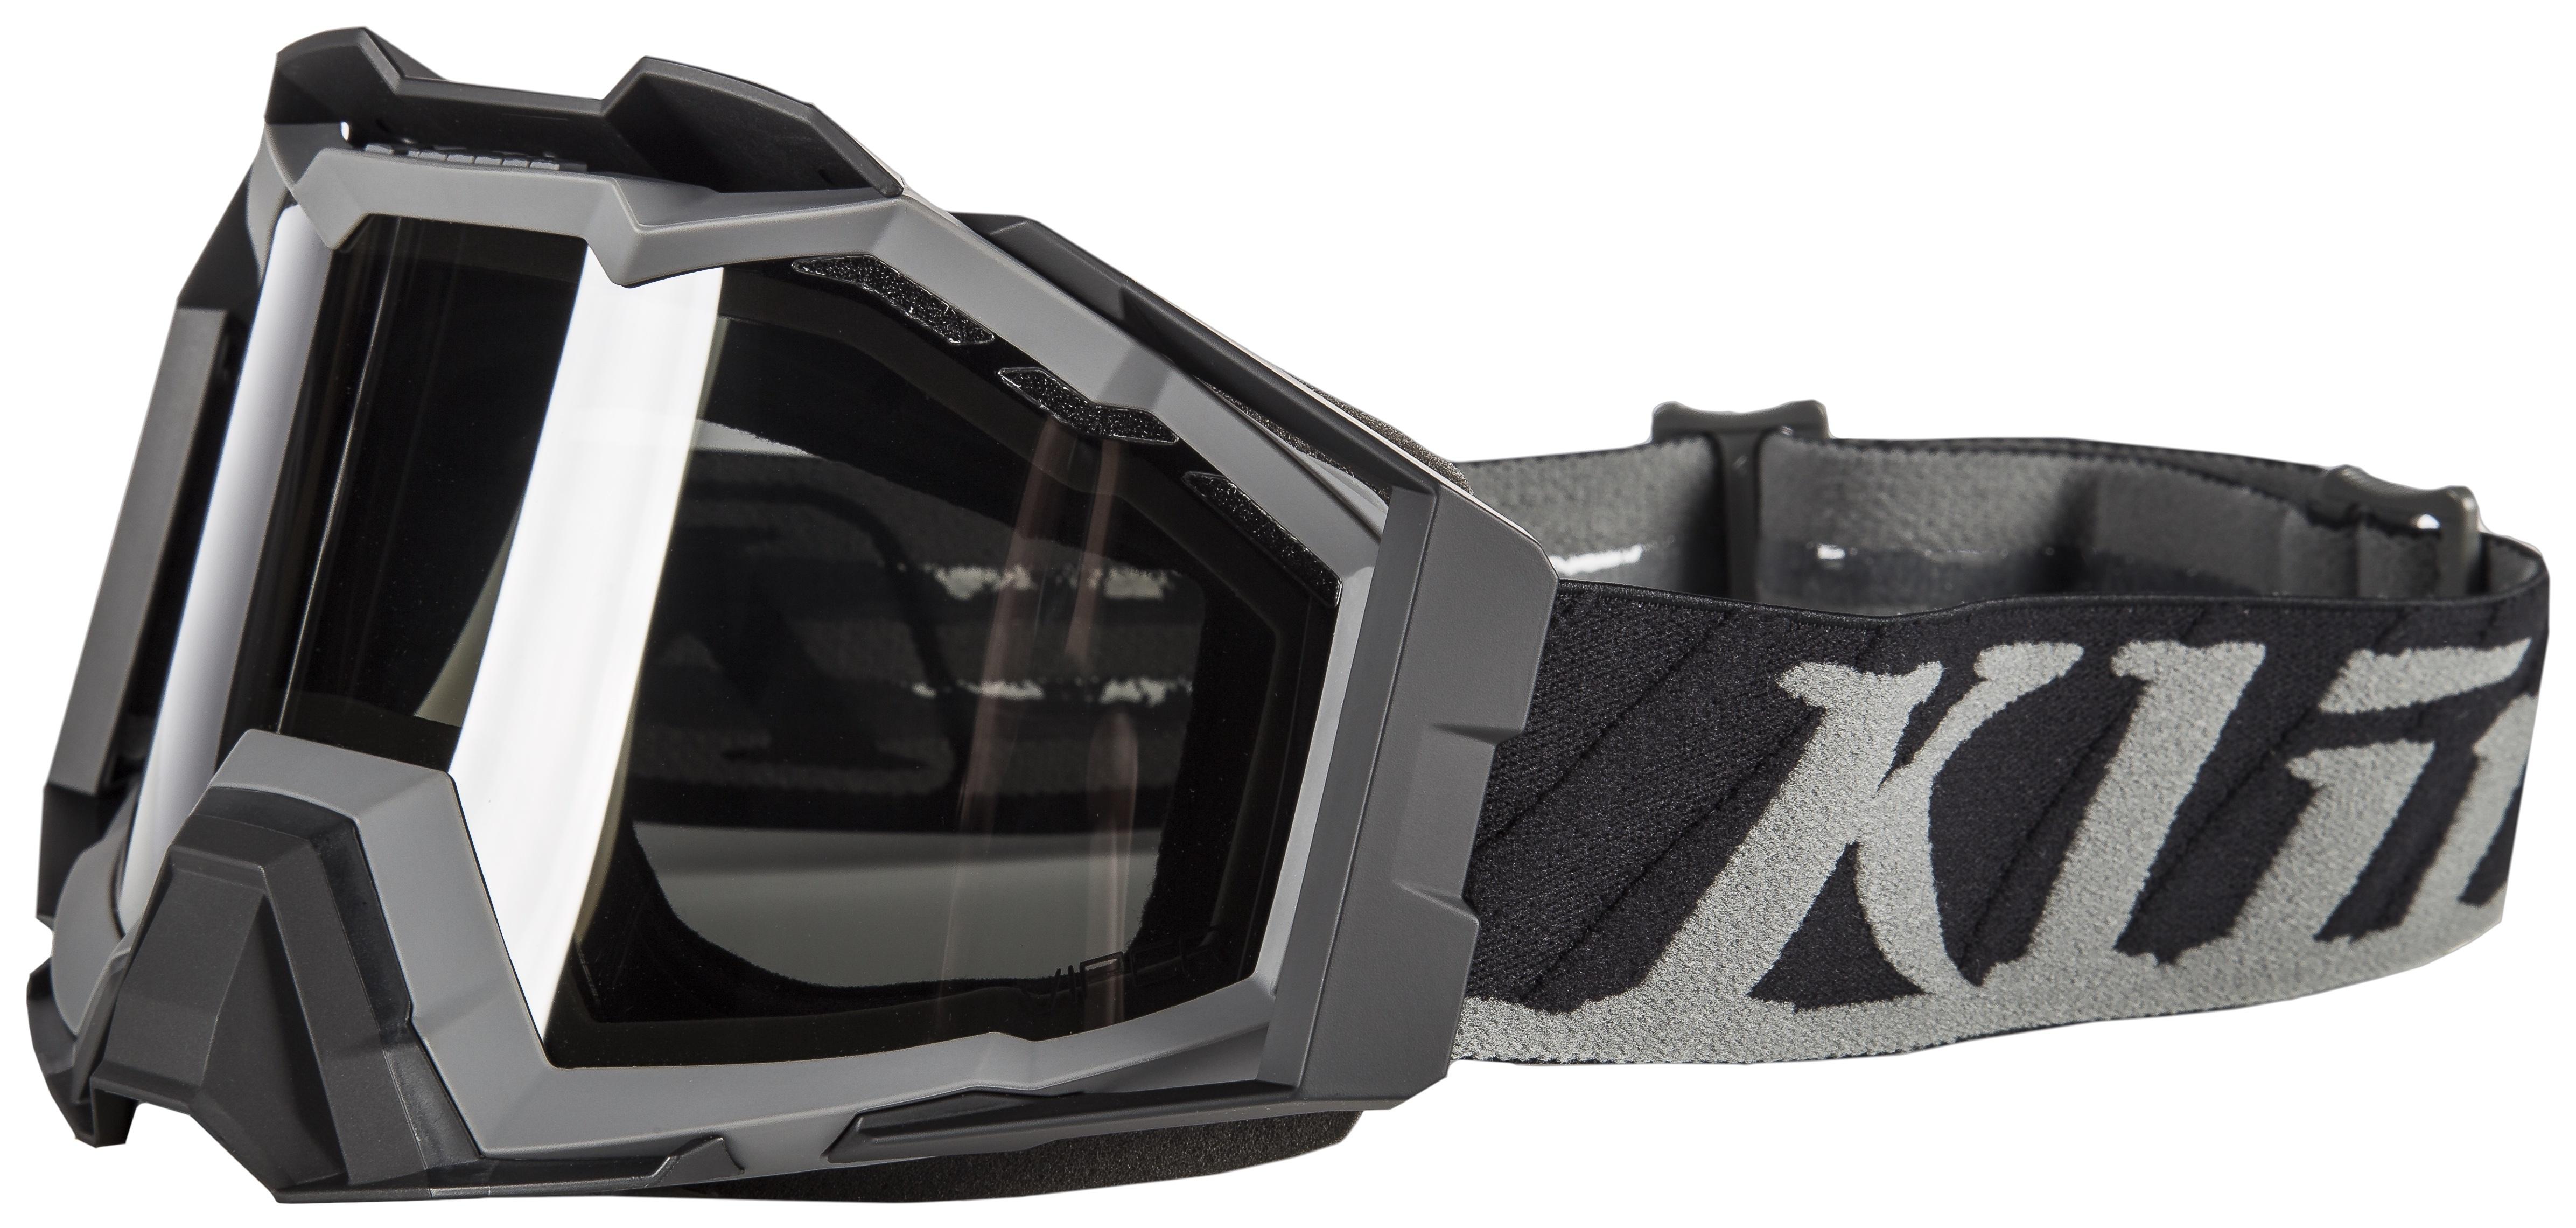 2f7192cbcf33 Klim Viper Pro Flatline Goggles - RevZilla